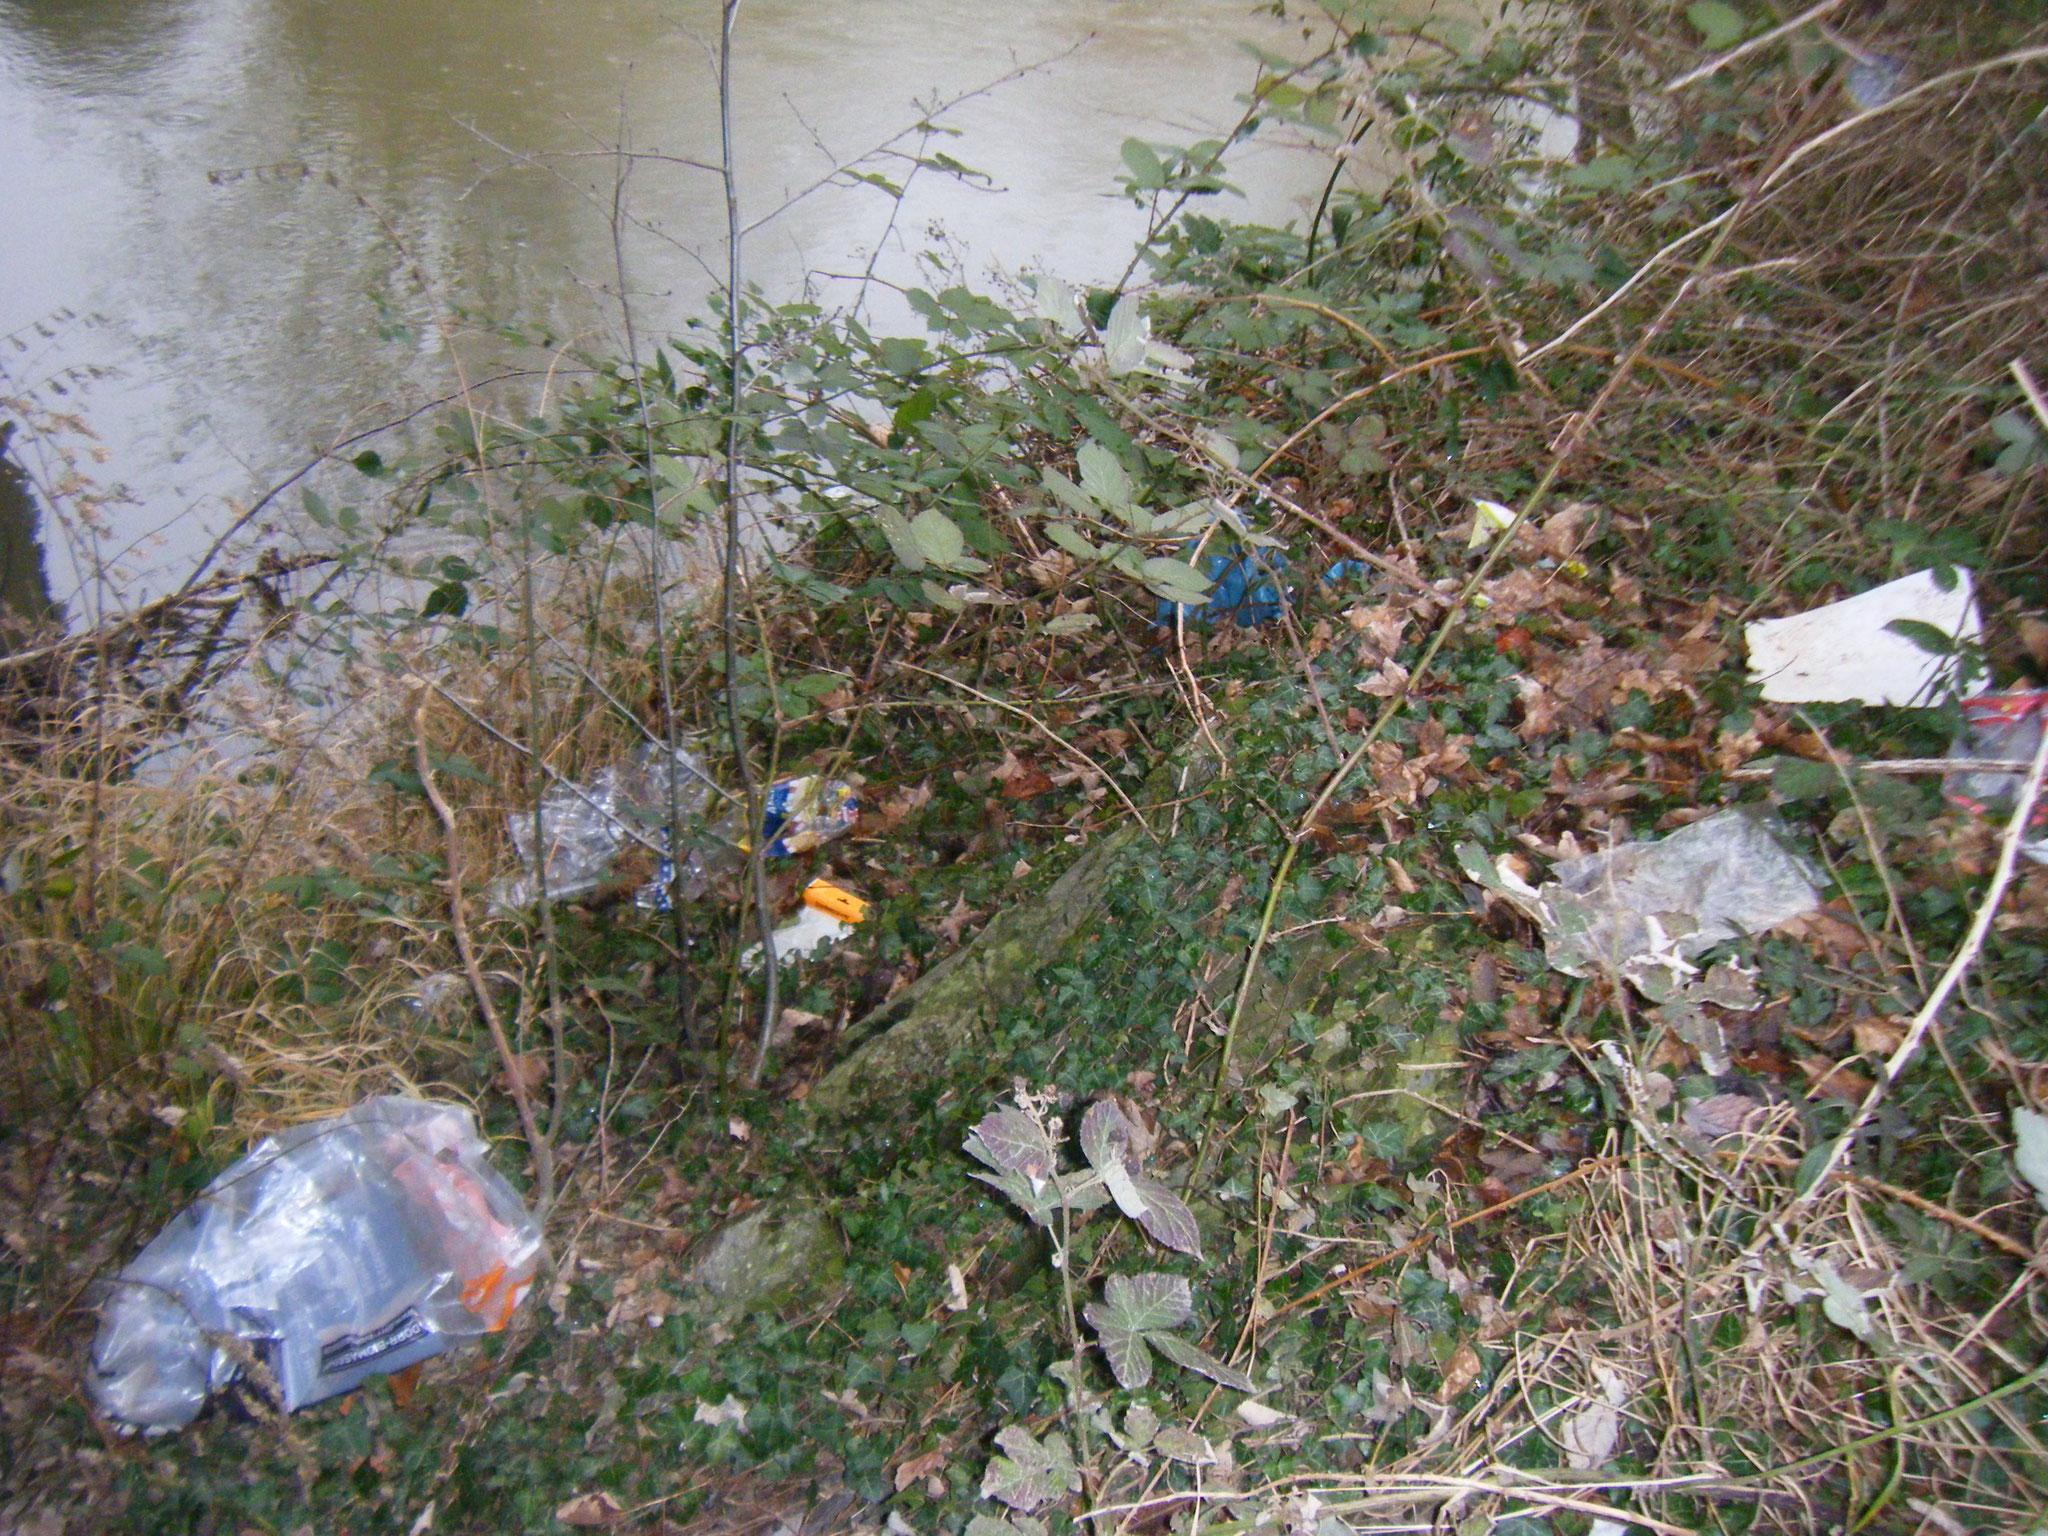 An der Rotach-Uferböschung alles voller Müll